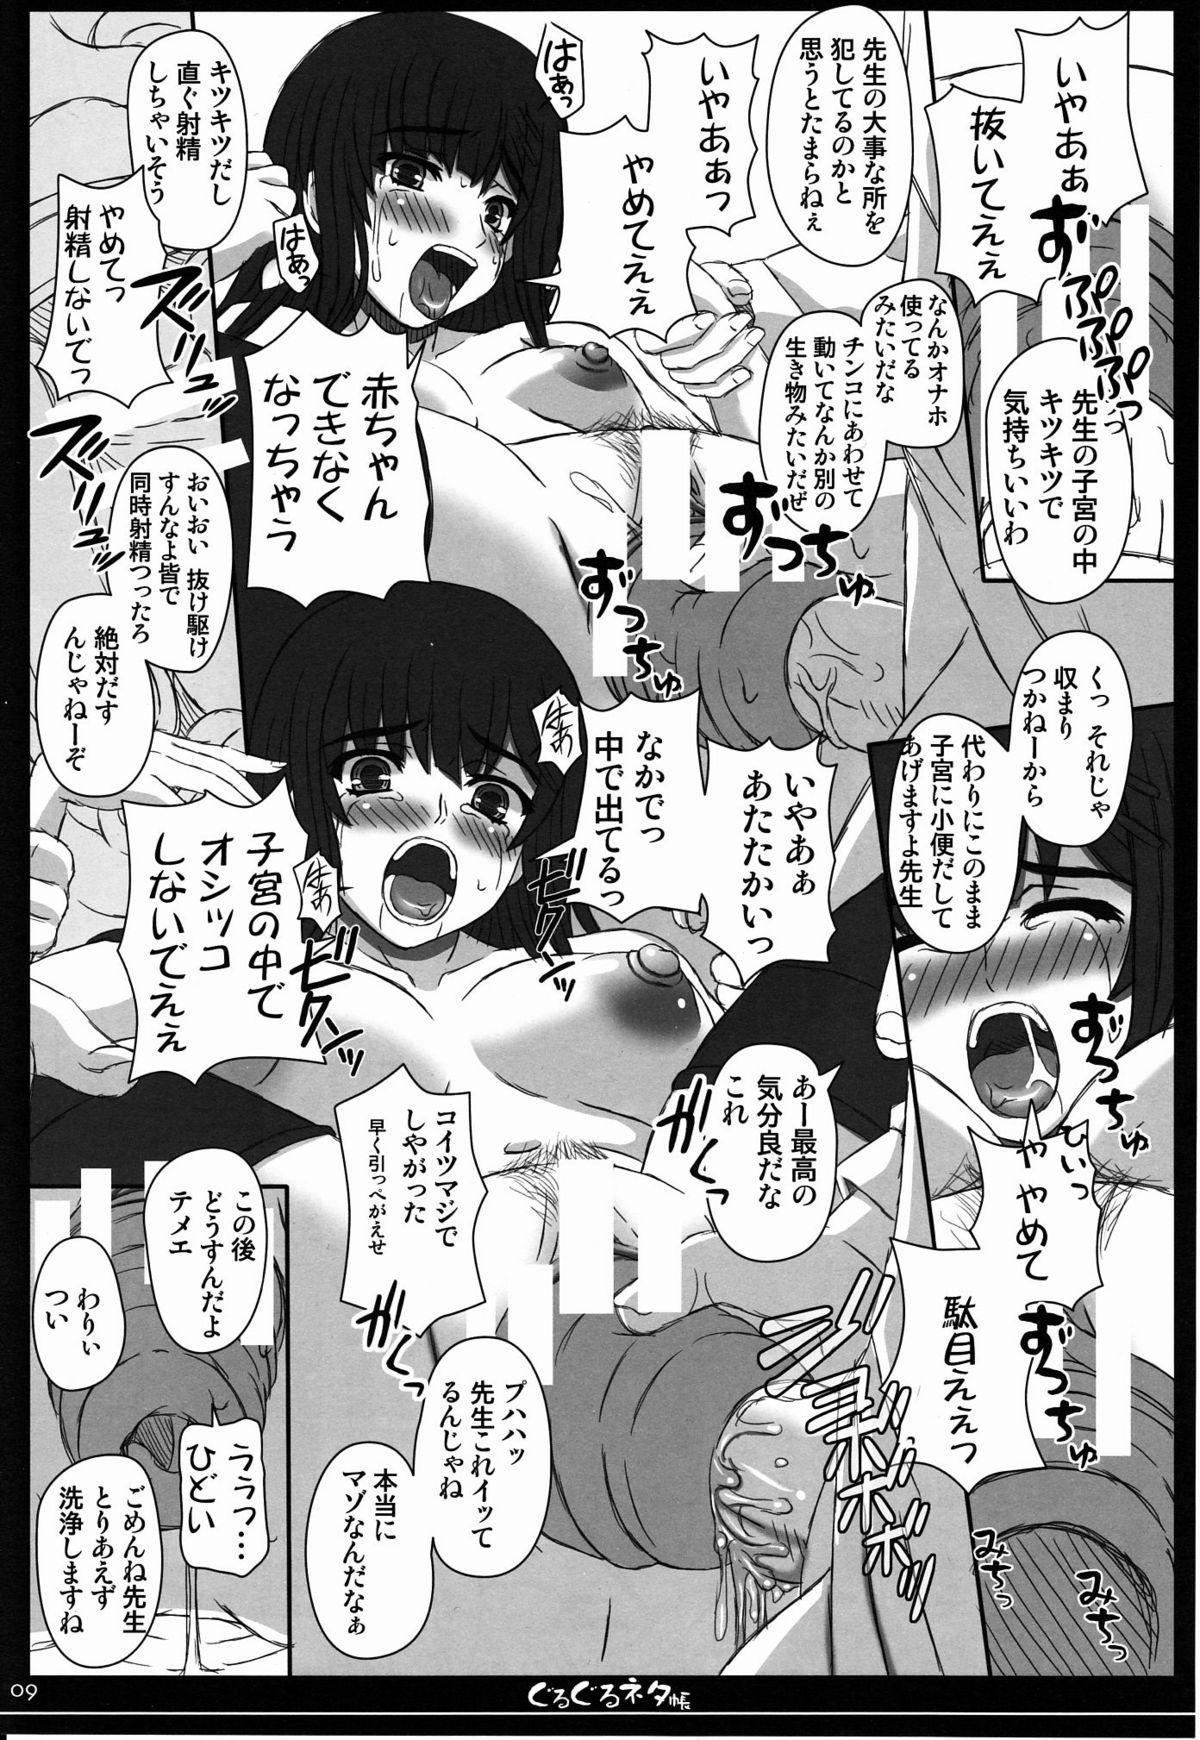 Shiawase no Katachi no Guruguru Netachou 80 7